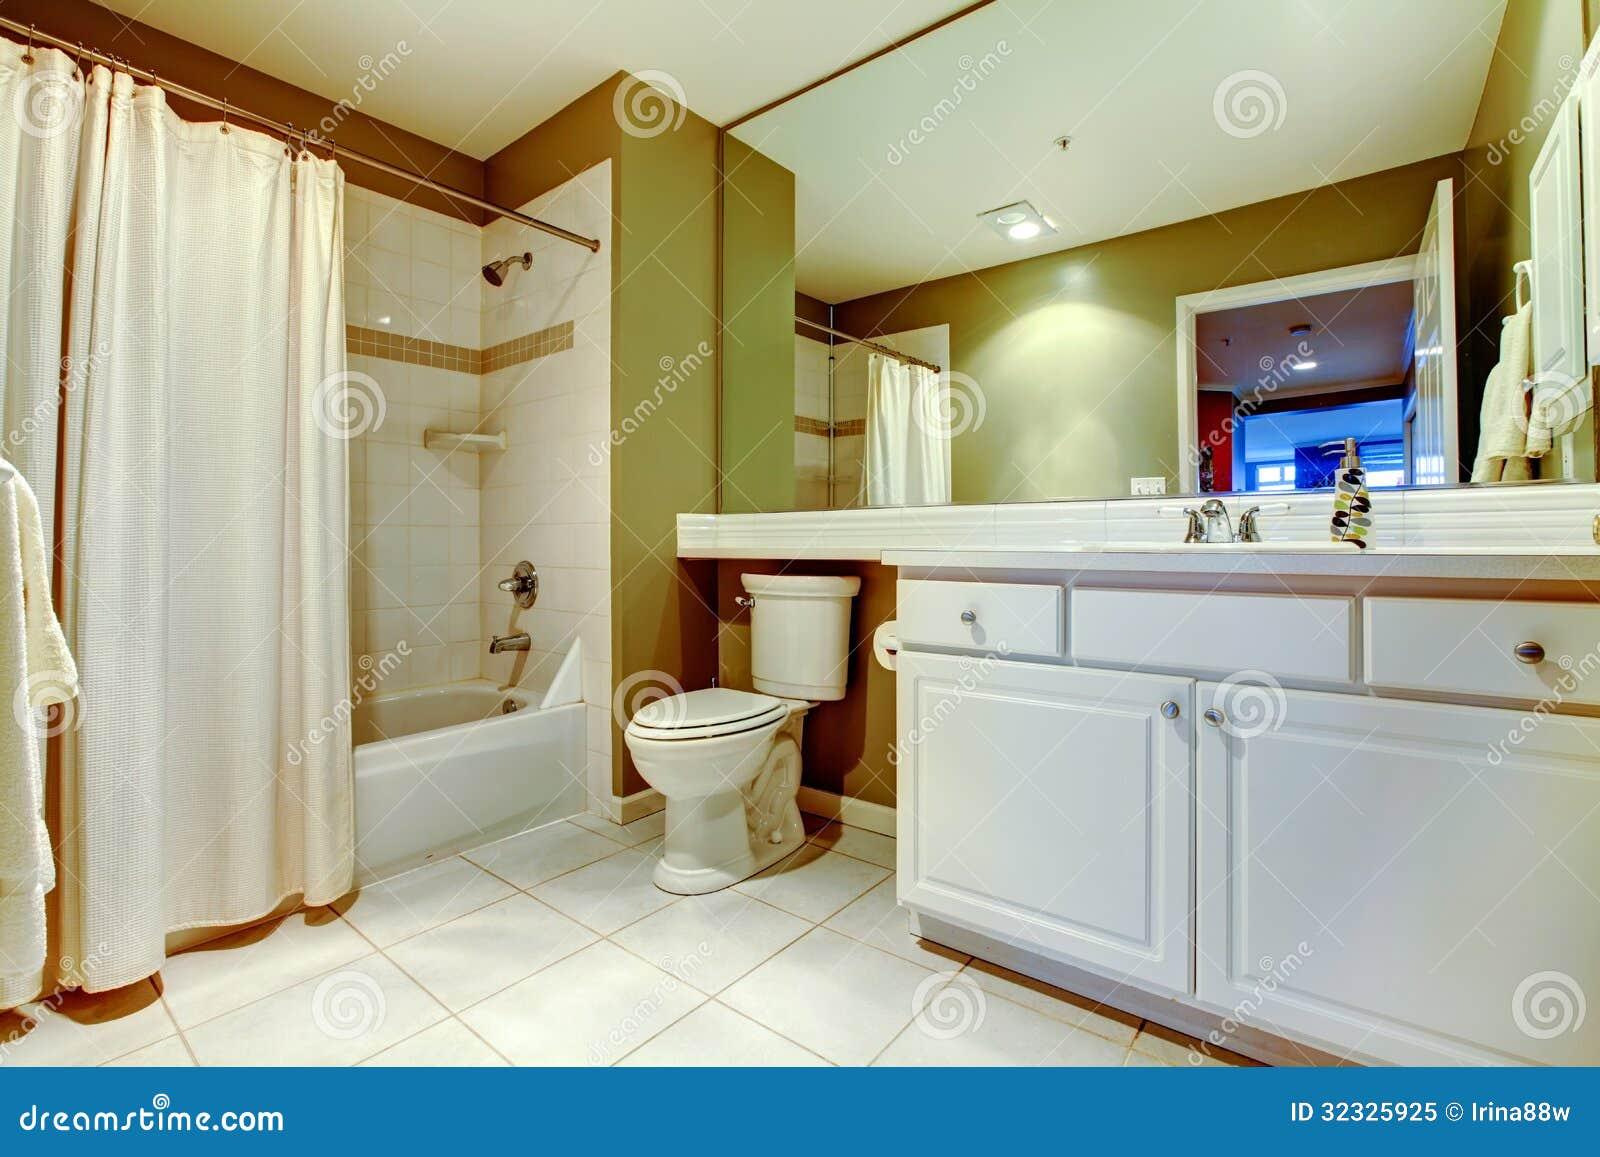 Vasca Da Bagno Con Tenda : Bagno verde e bianco con il lavandino e vasca con la tenda